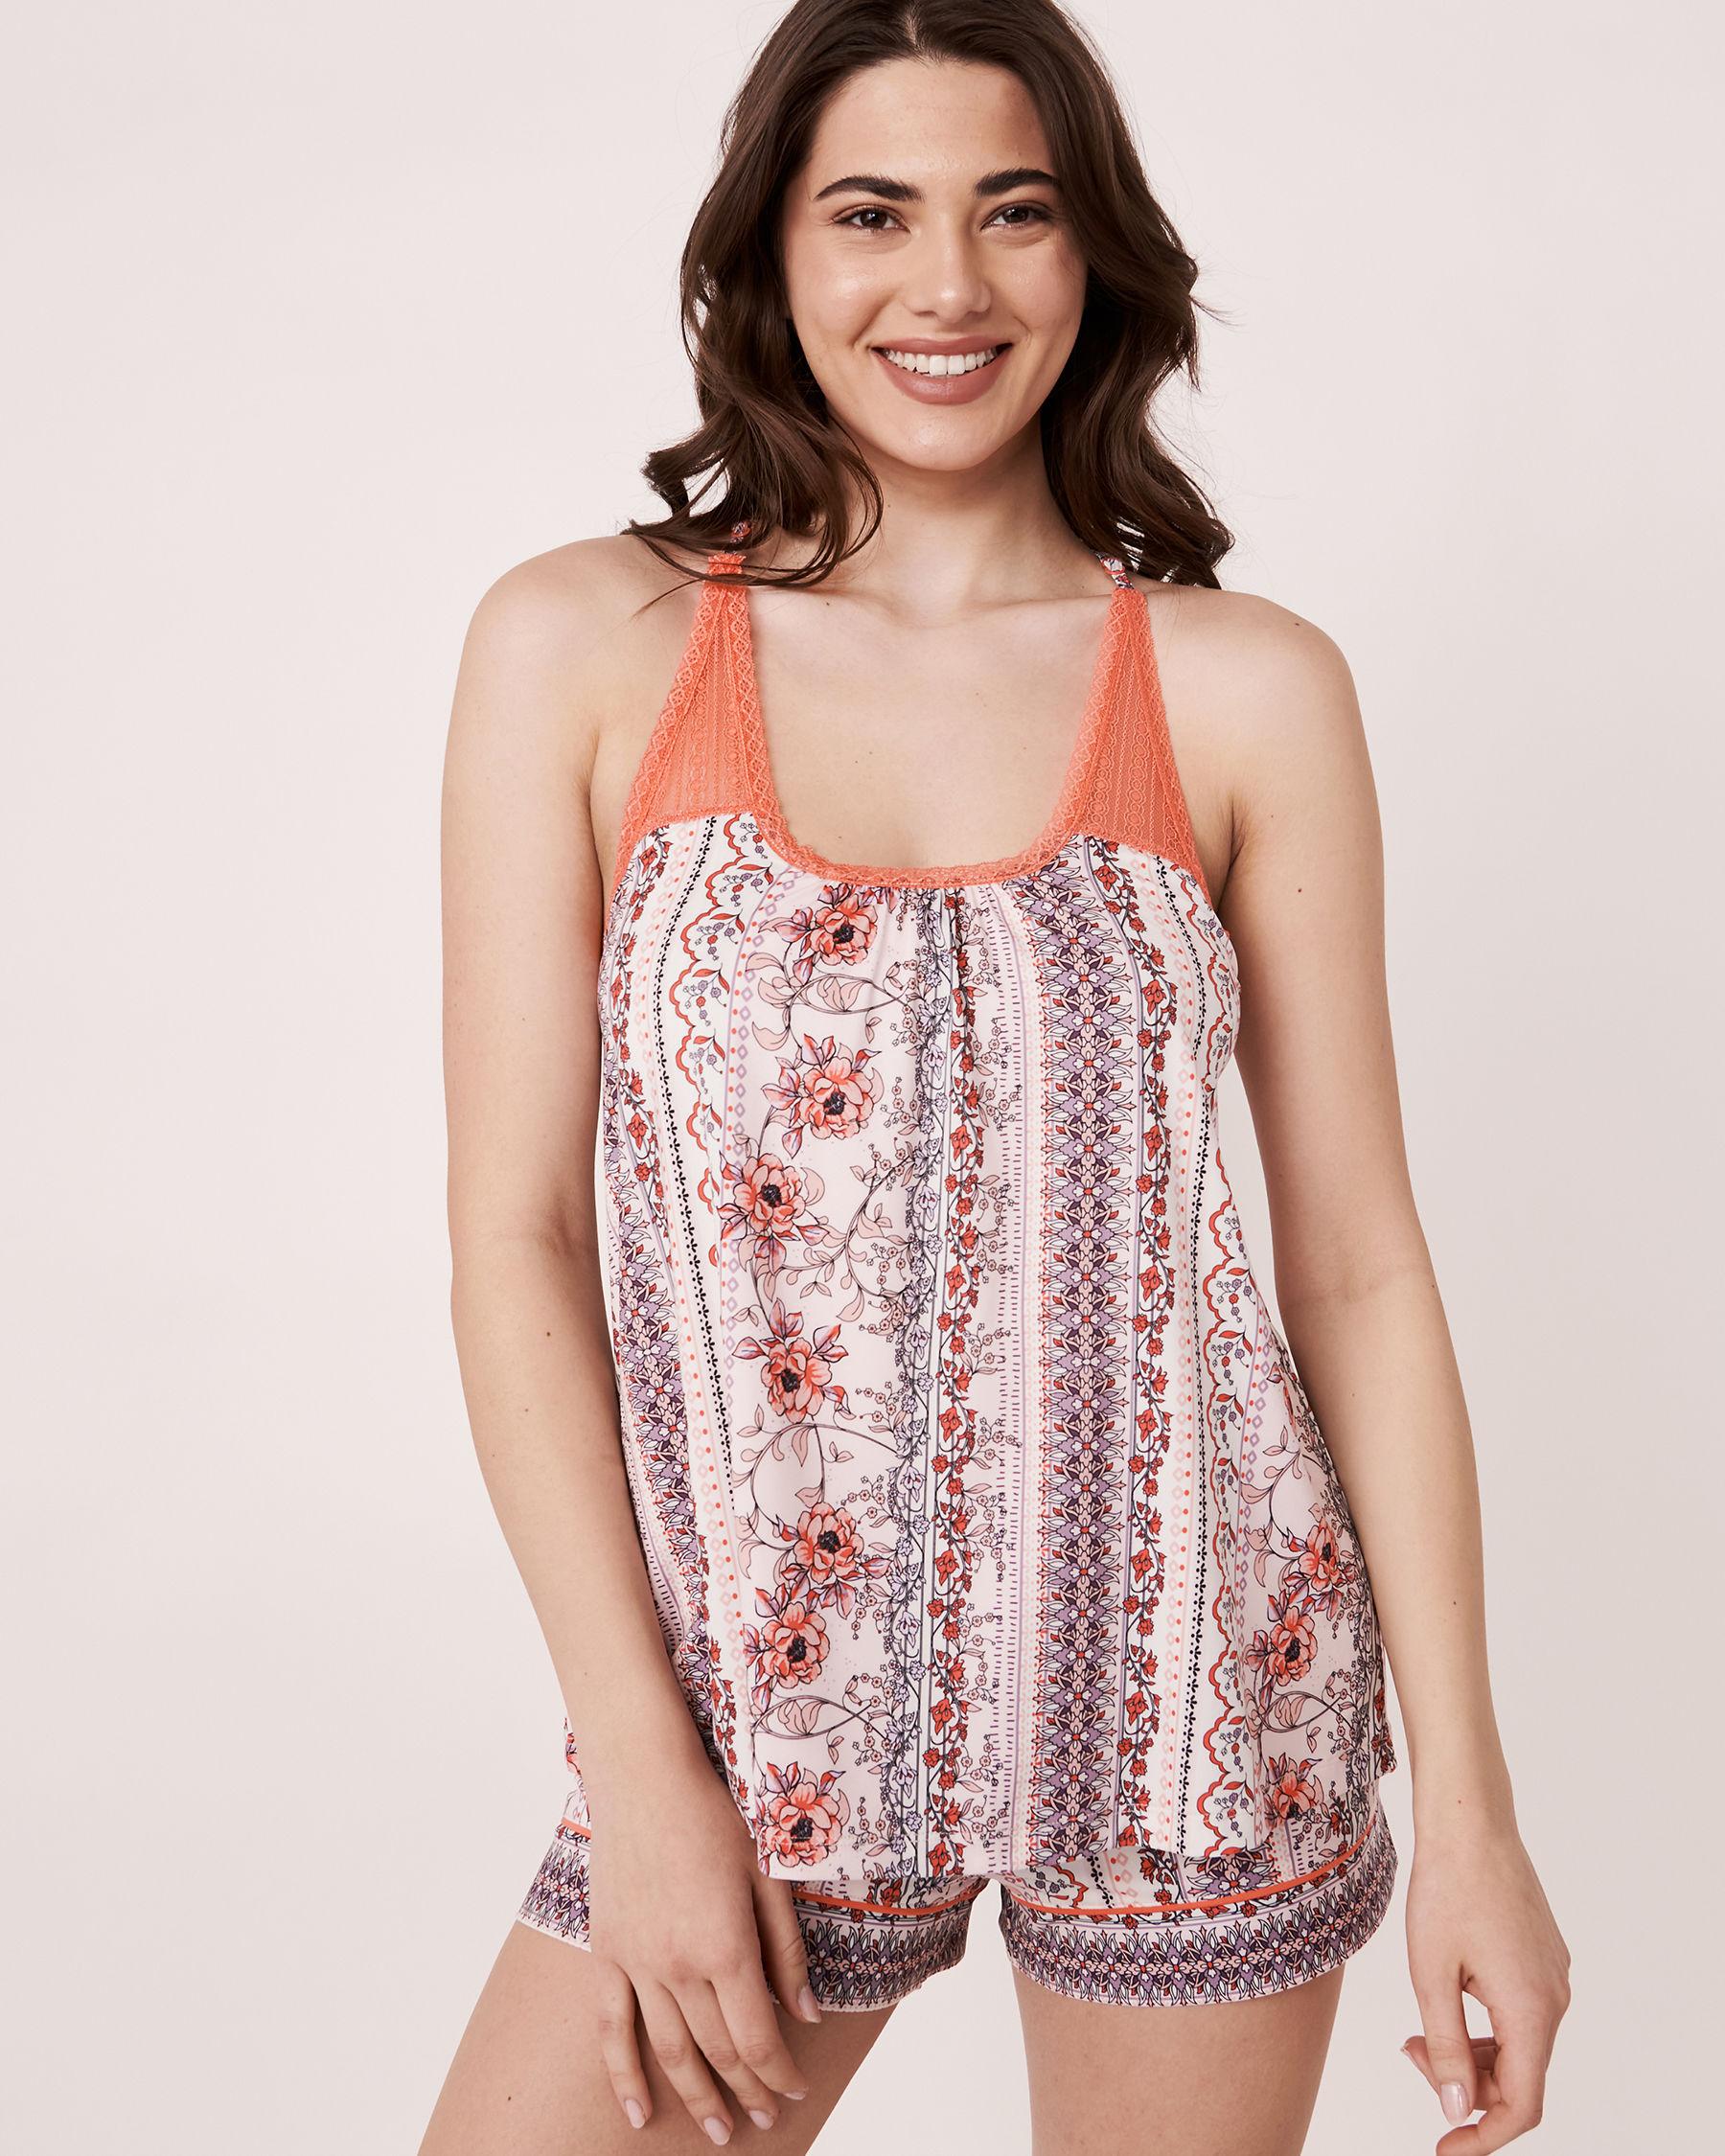 LA VIE EN ROSE Camisole dos nageur en dentelle en fibres recyclées Imprimé fleuri vertical 40100060 - Voir1